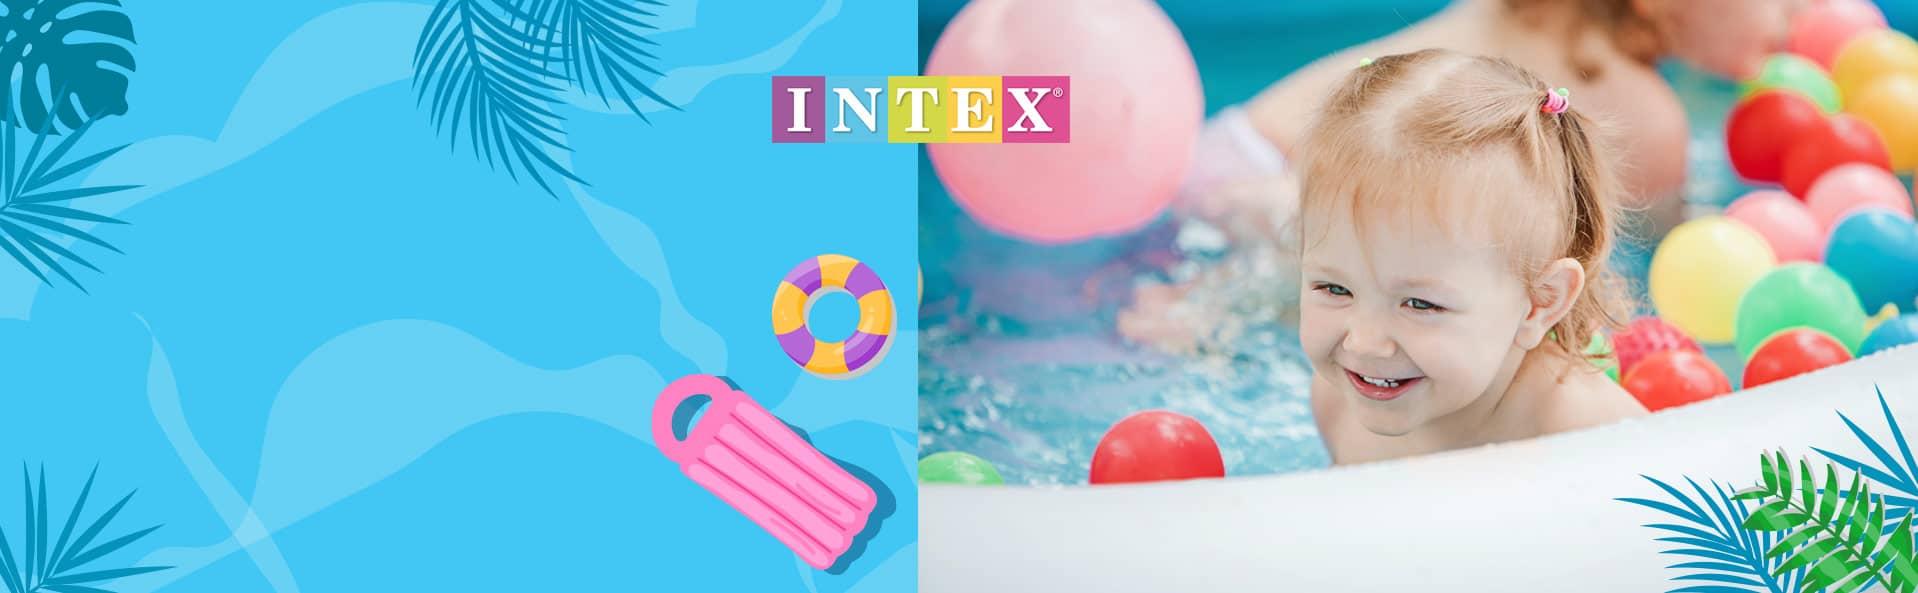 TH_INTEX